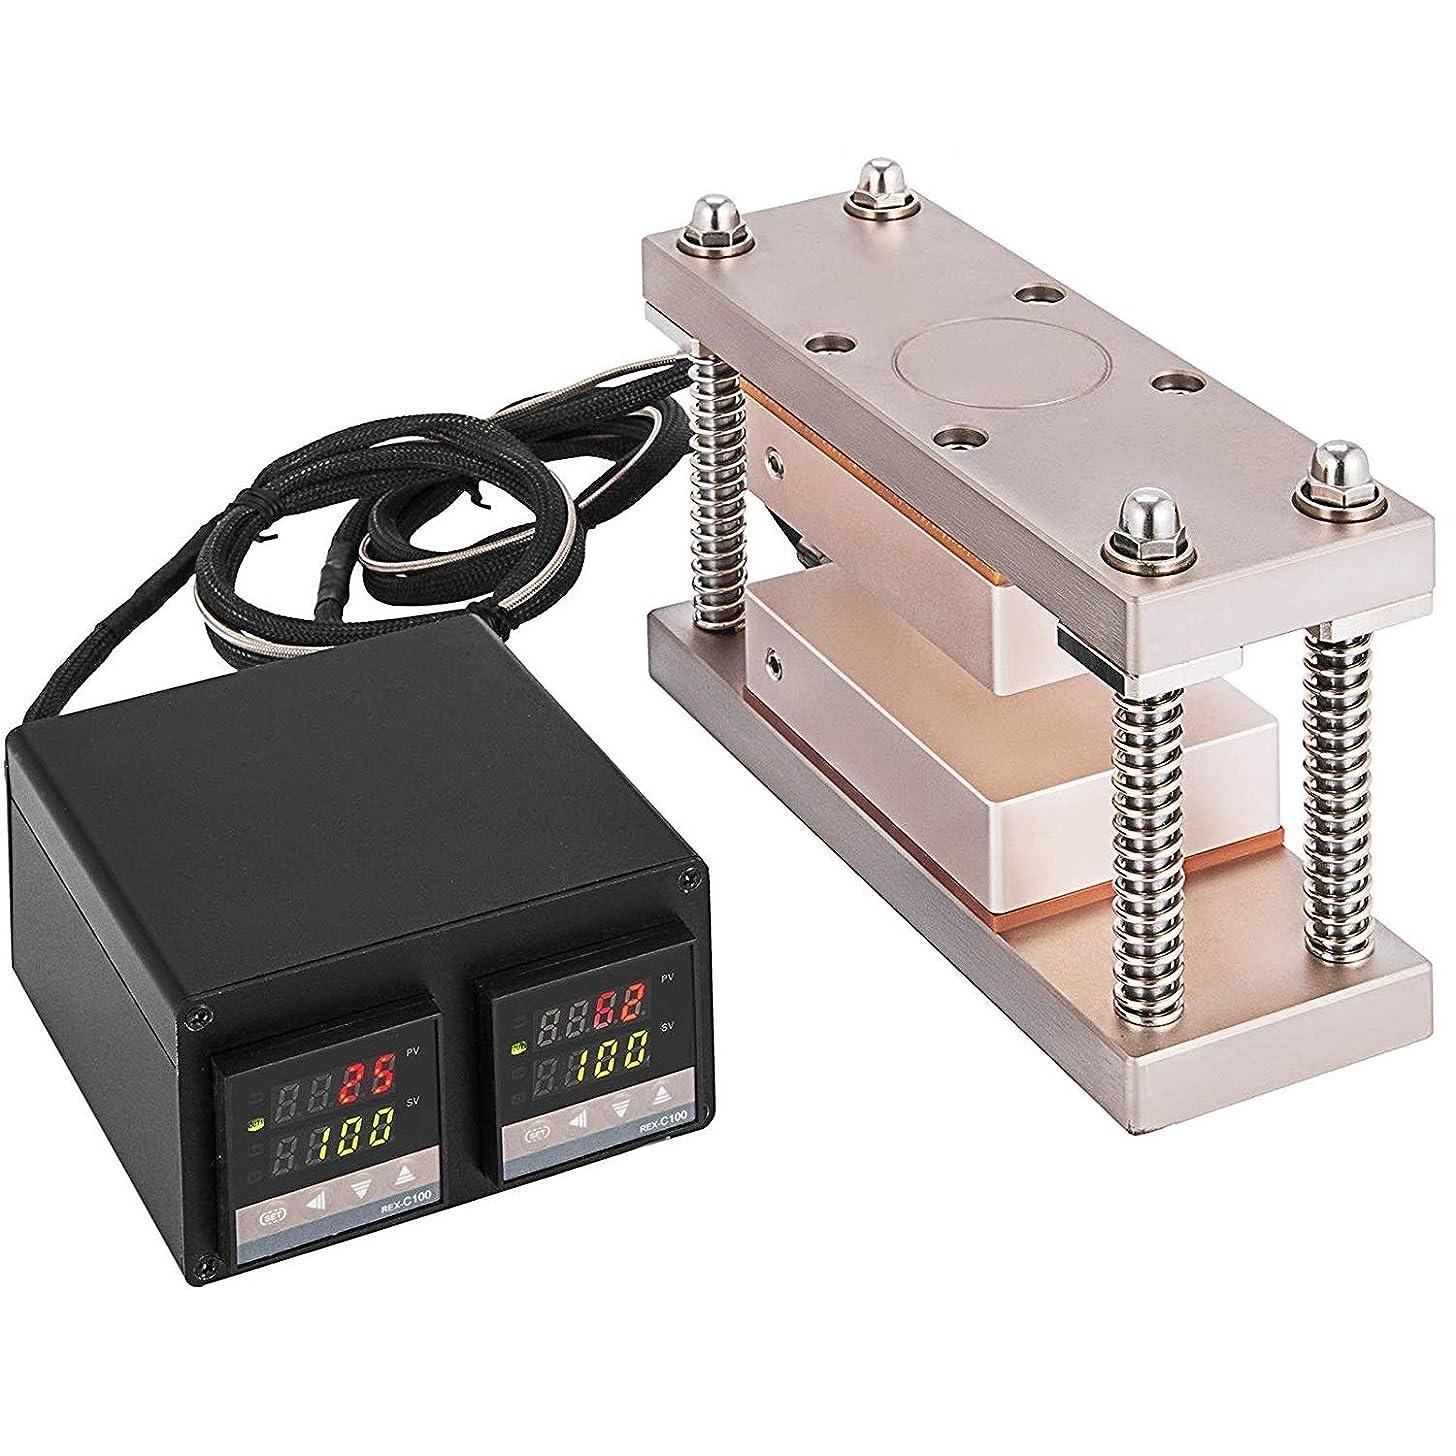 """Tech-L Heat Press Plates 3X5"""" Heat Press Kit with Double Digital Display Temperature Controller Box (3X5"""" 600W)"""